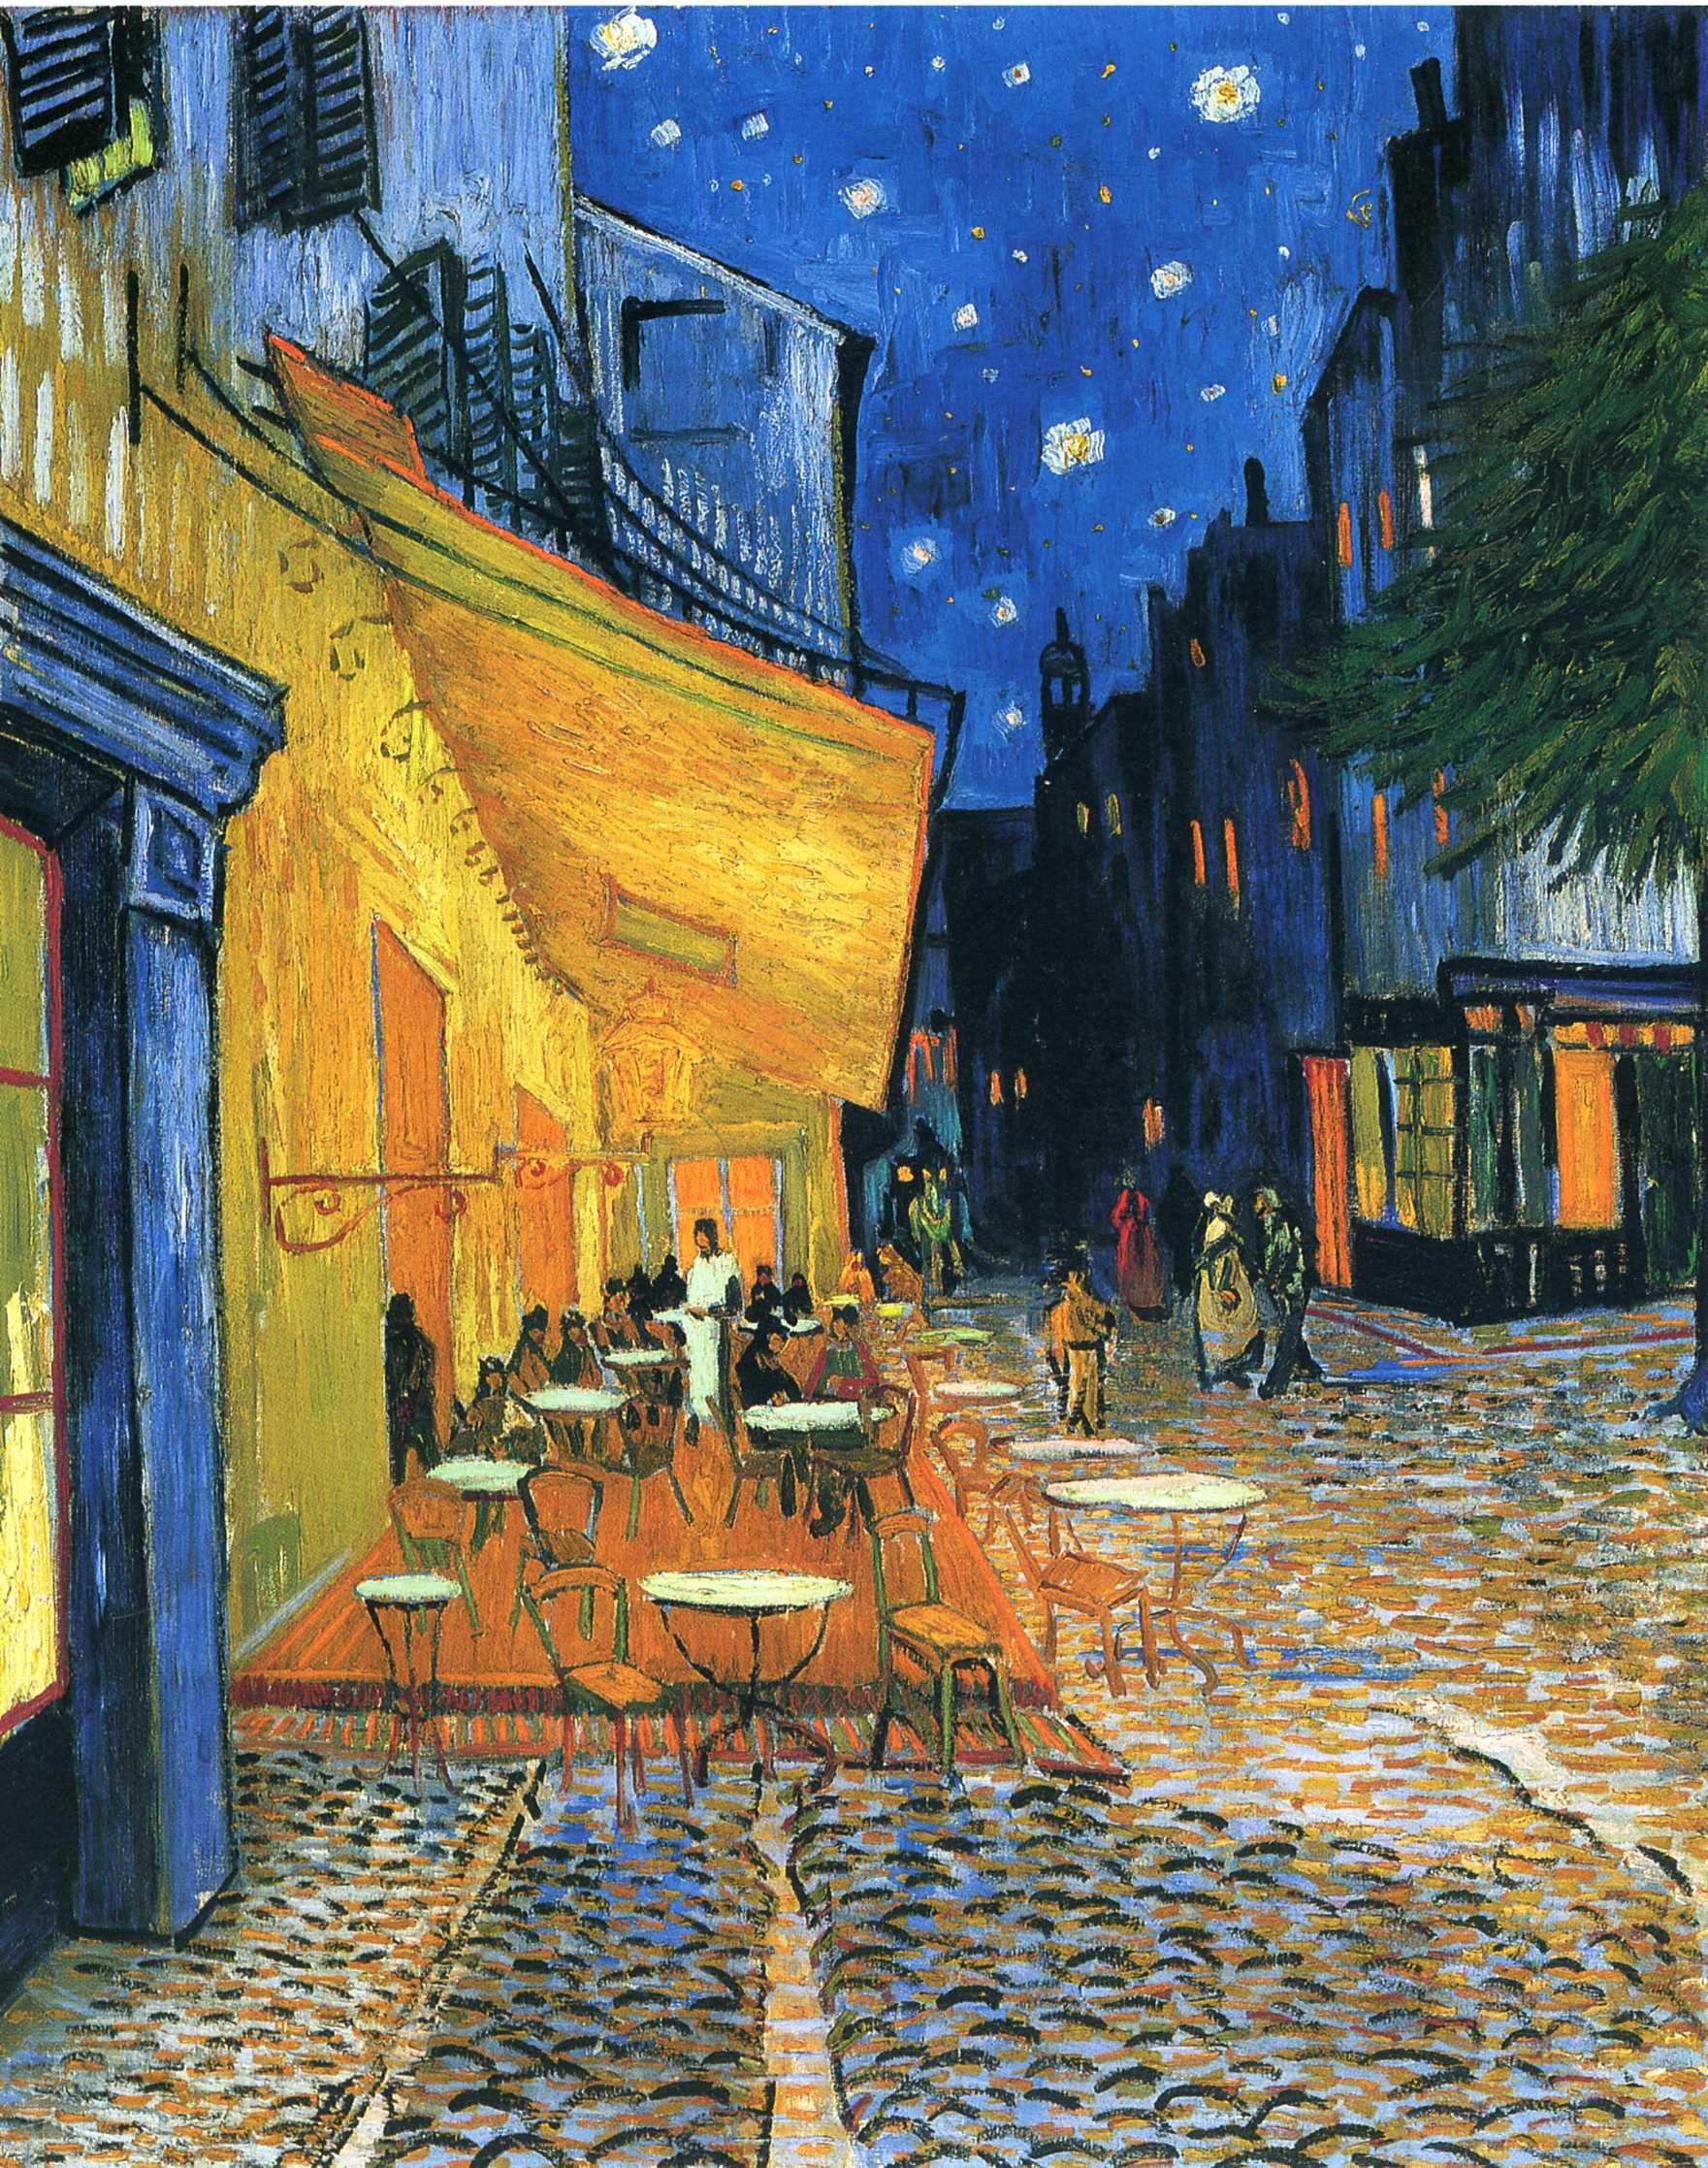 cafe-terrace-place-du-forum-arles-1888(1)[1]